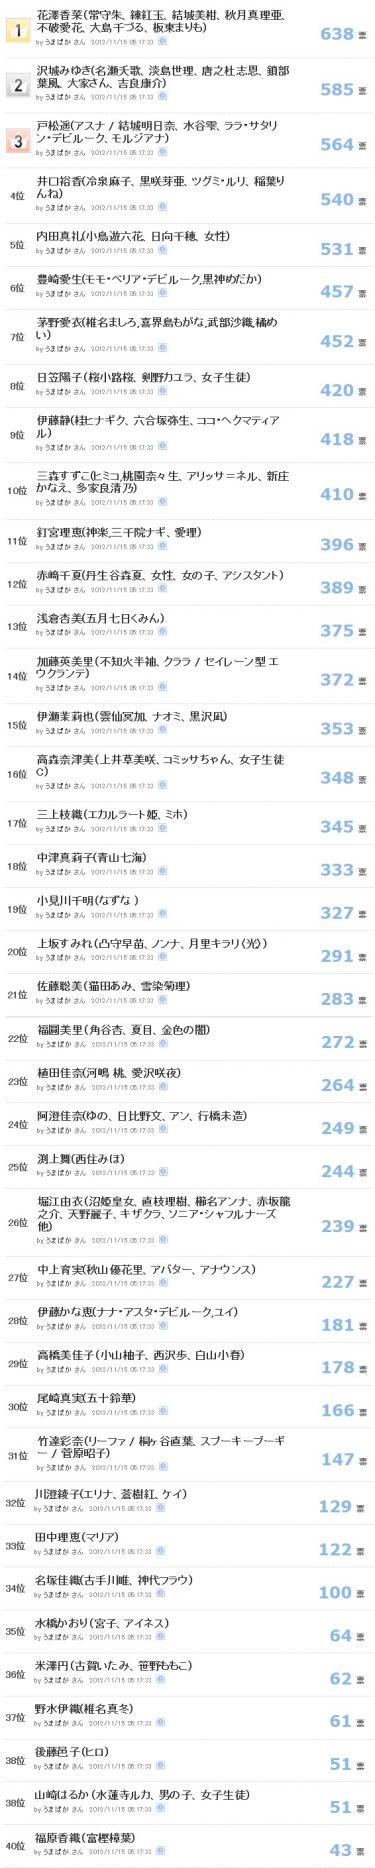 20121126063009e49_convert_20121126233746.jpg